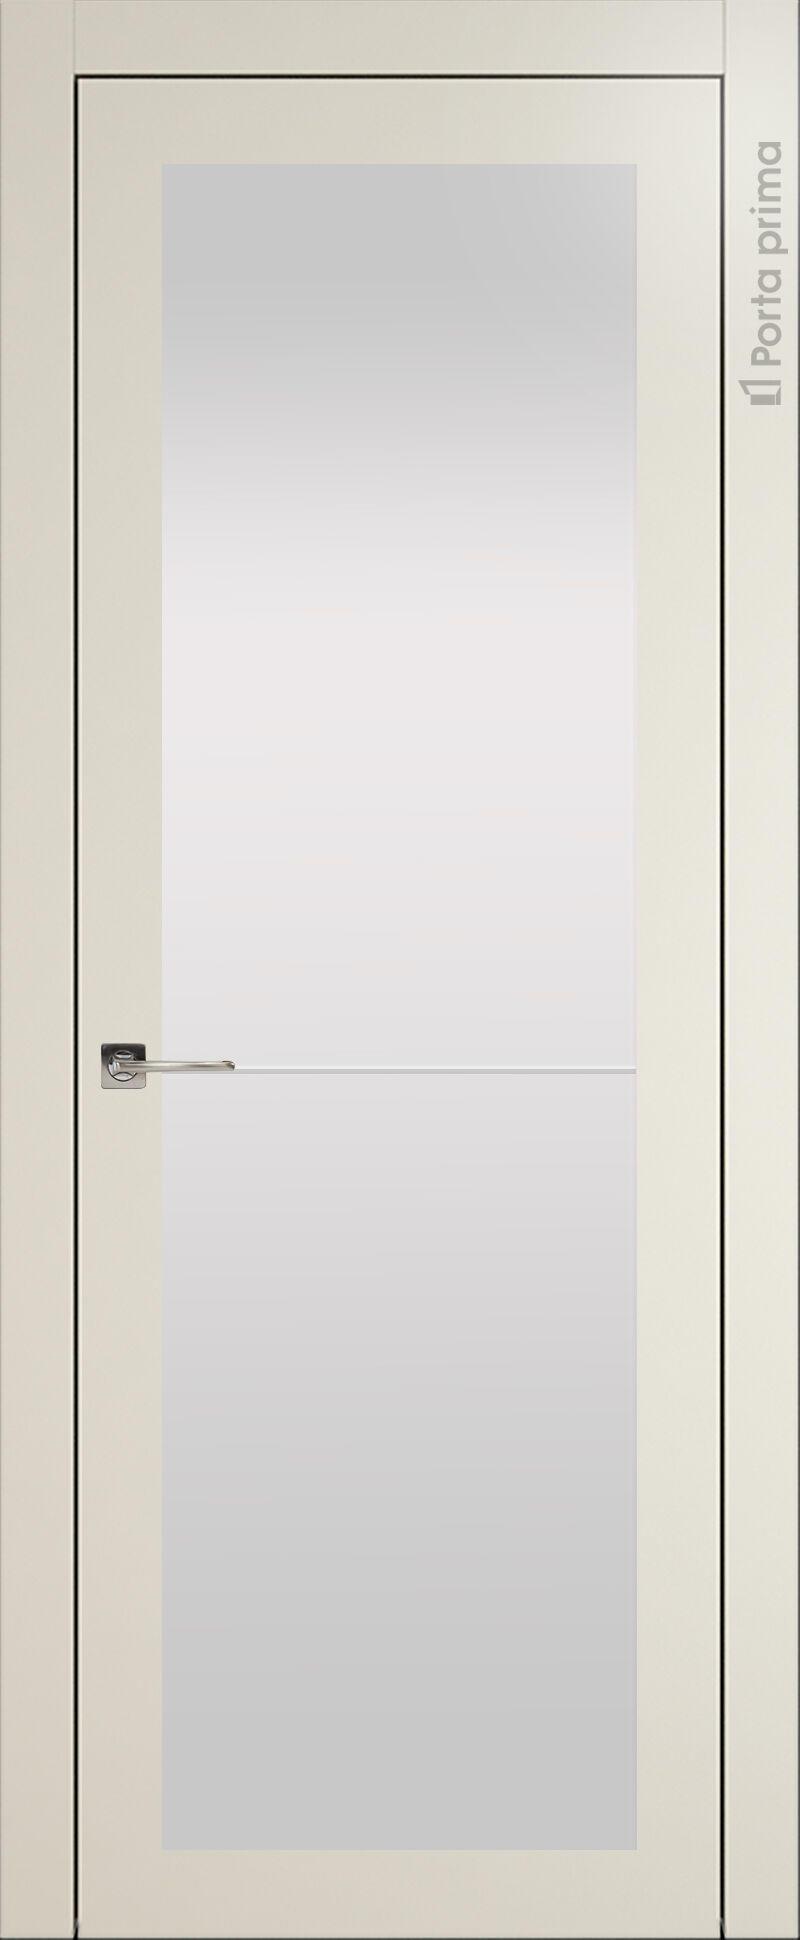 Tivoli З-2 цвет - Жемчужная эмаль (RAL 1013) Со стеклом (ДО)